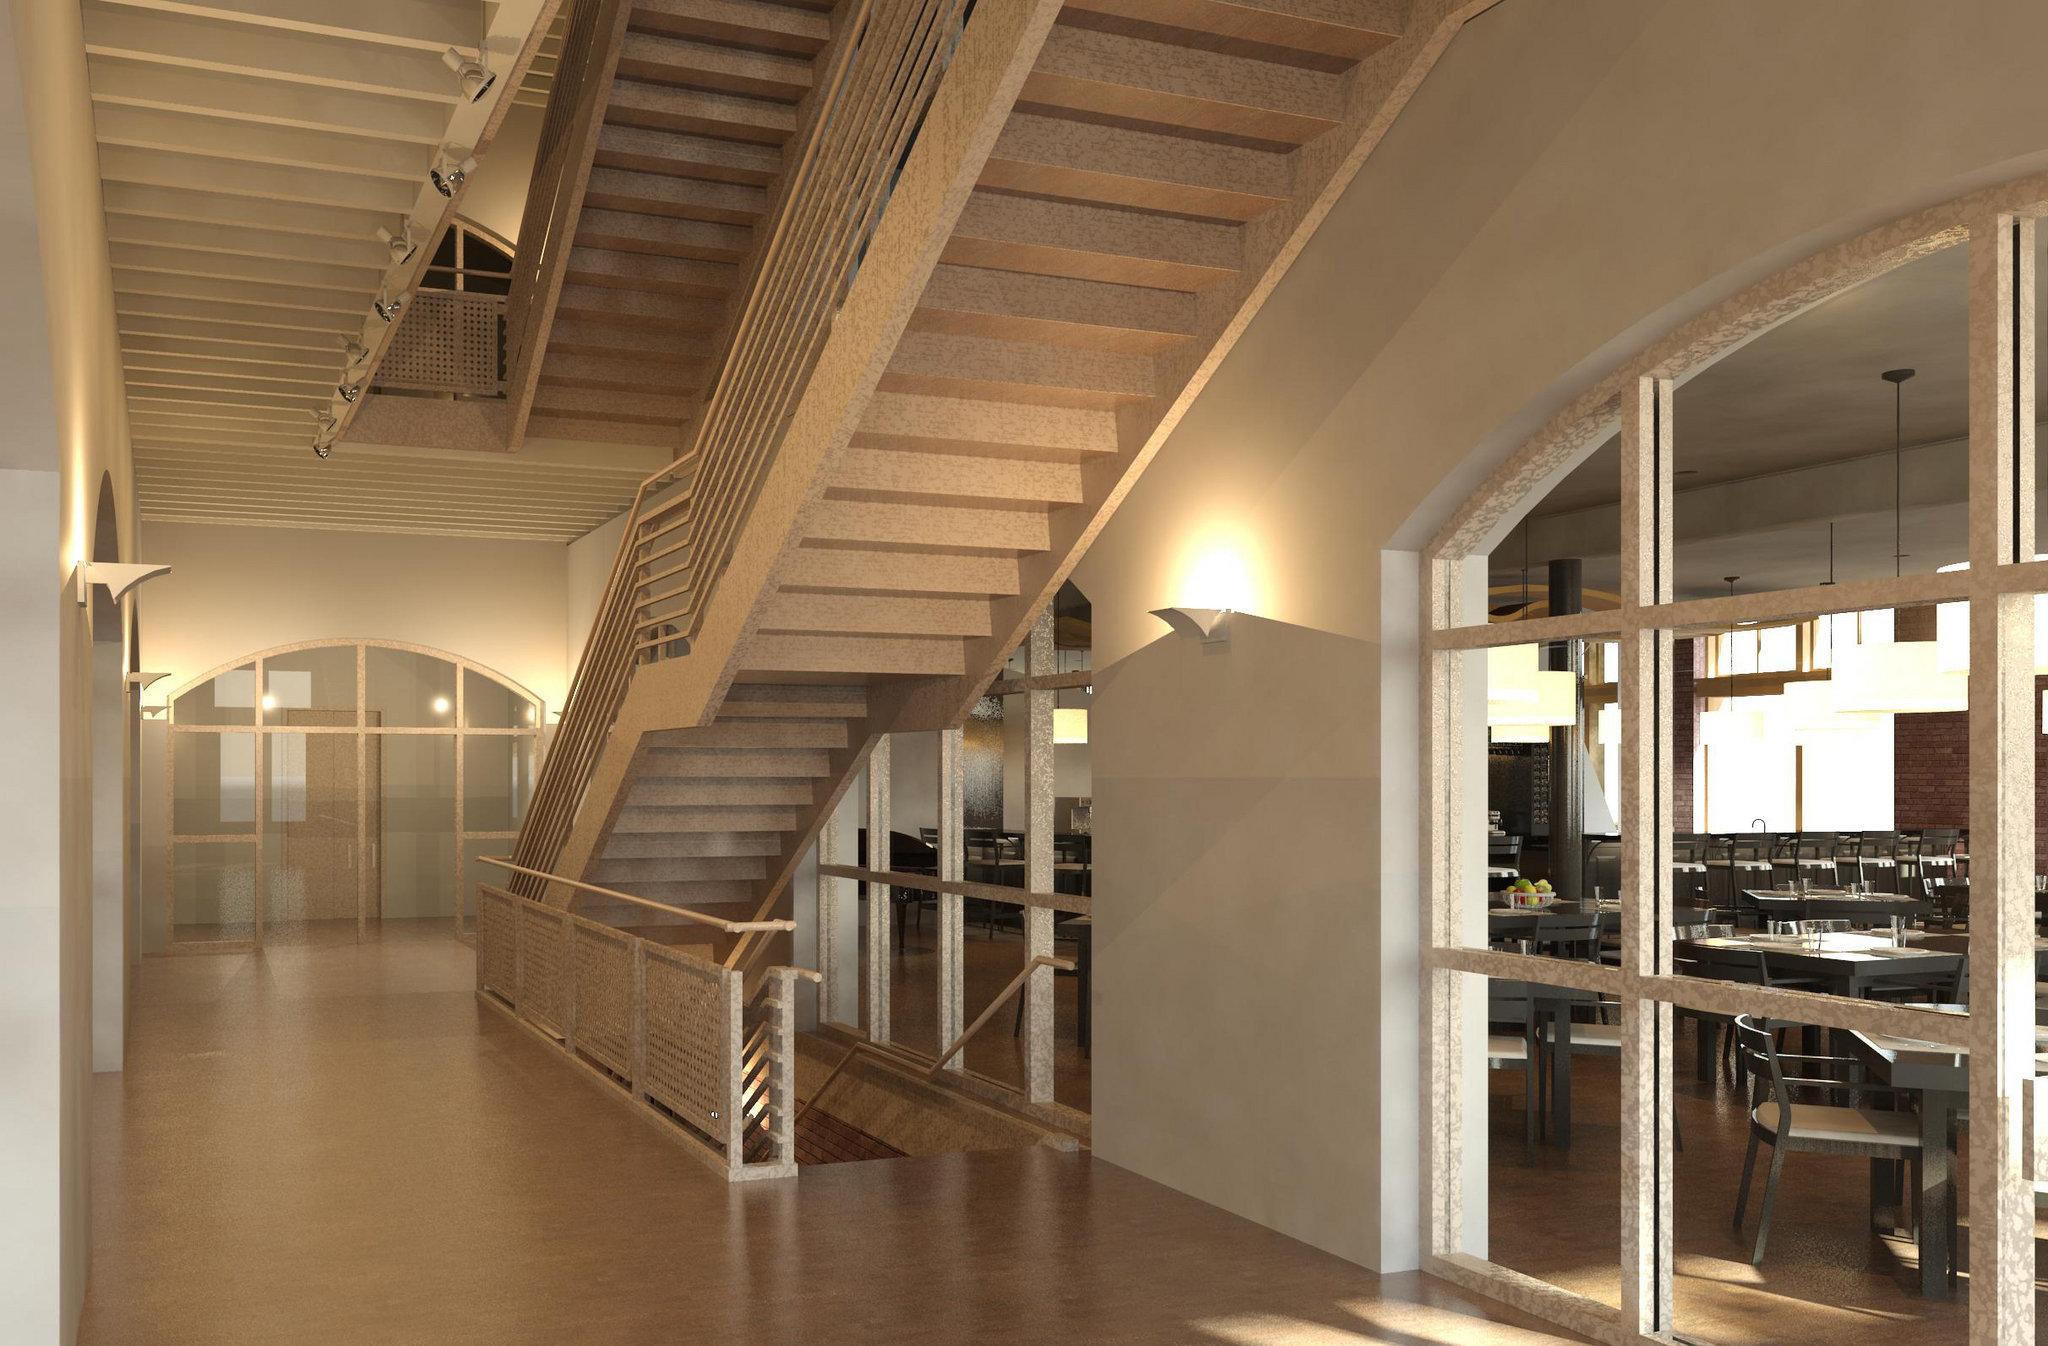 Second Floor Lobby Rendering